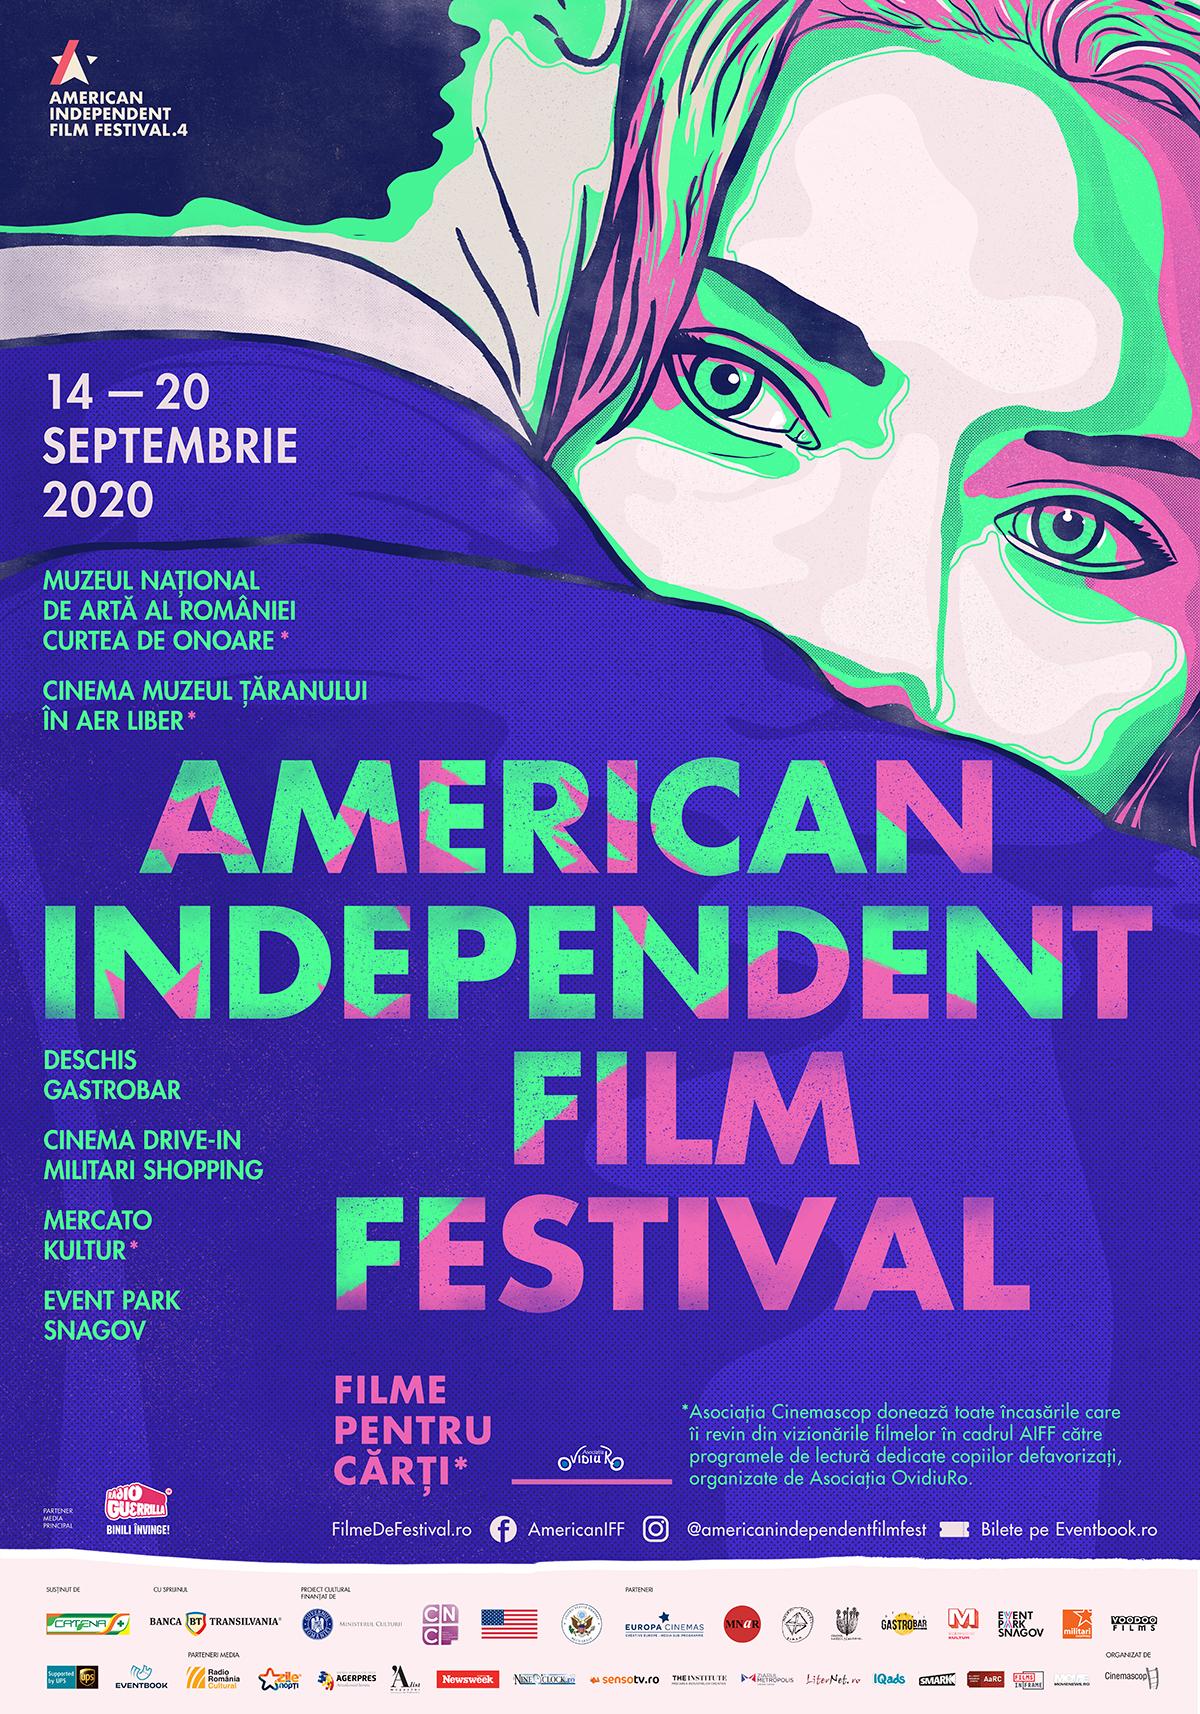 """{focus_keyword} Maya Hawke, interviu în exclusivitate la American Independent Film Festival! În prima zi de școală, Festivalul și Asociația OvidiuRo dau startul campaniei """"Schimbă-le povestea!"""" AIFF20 poster 1"""